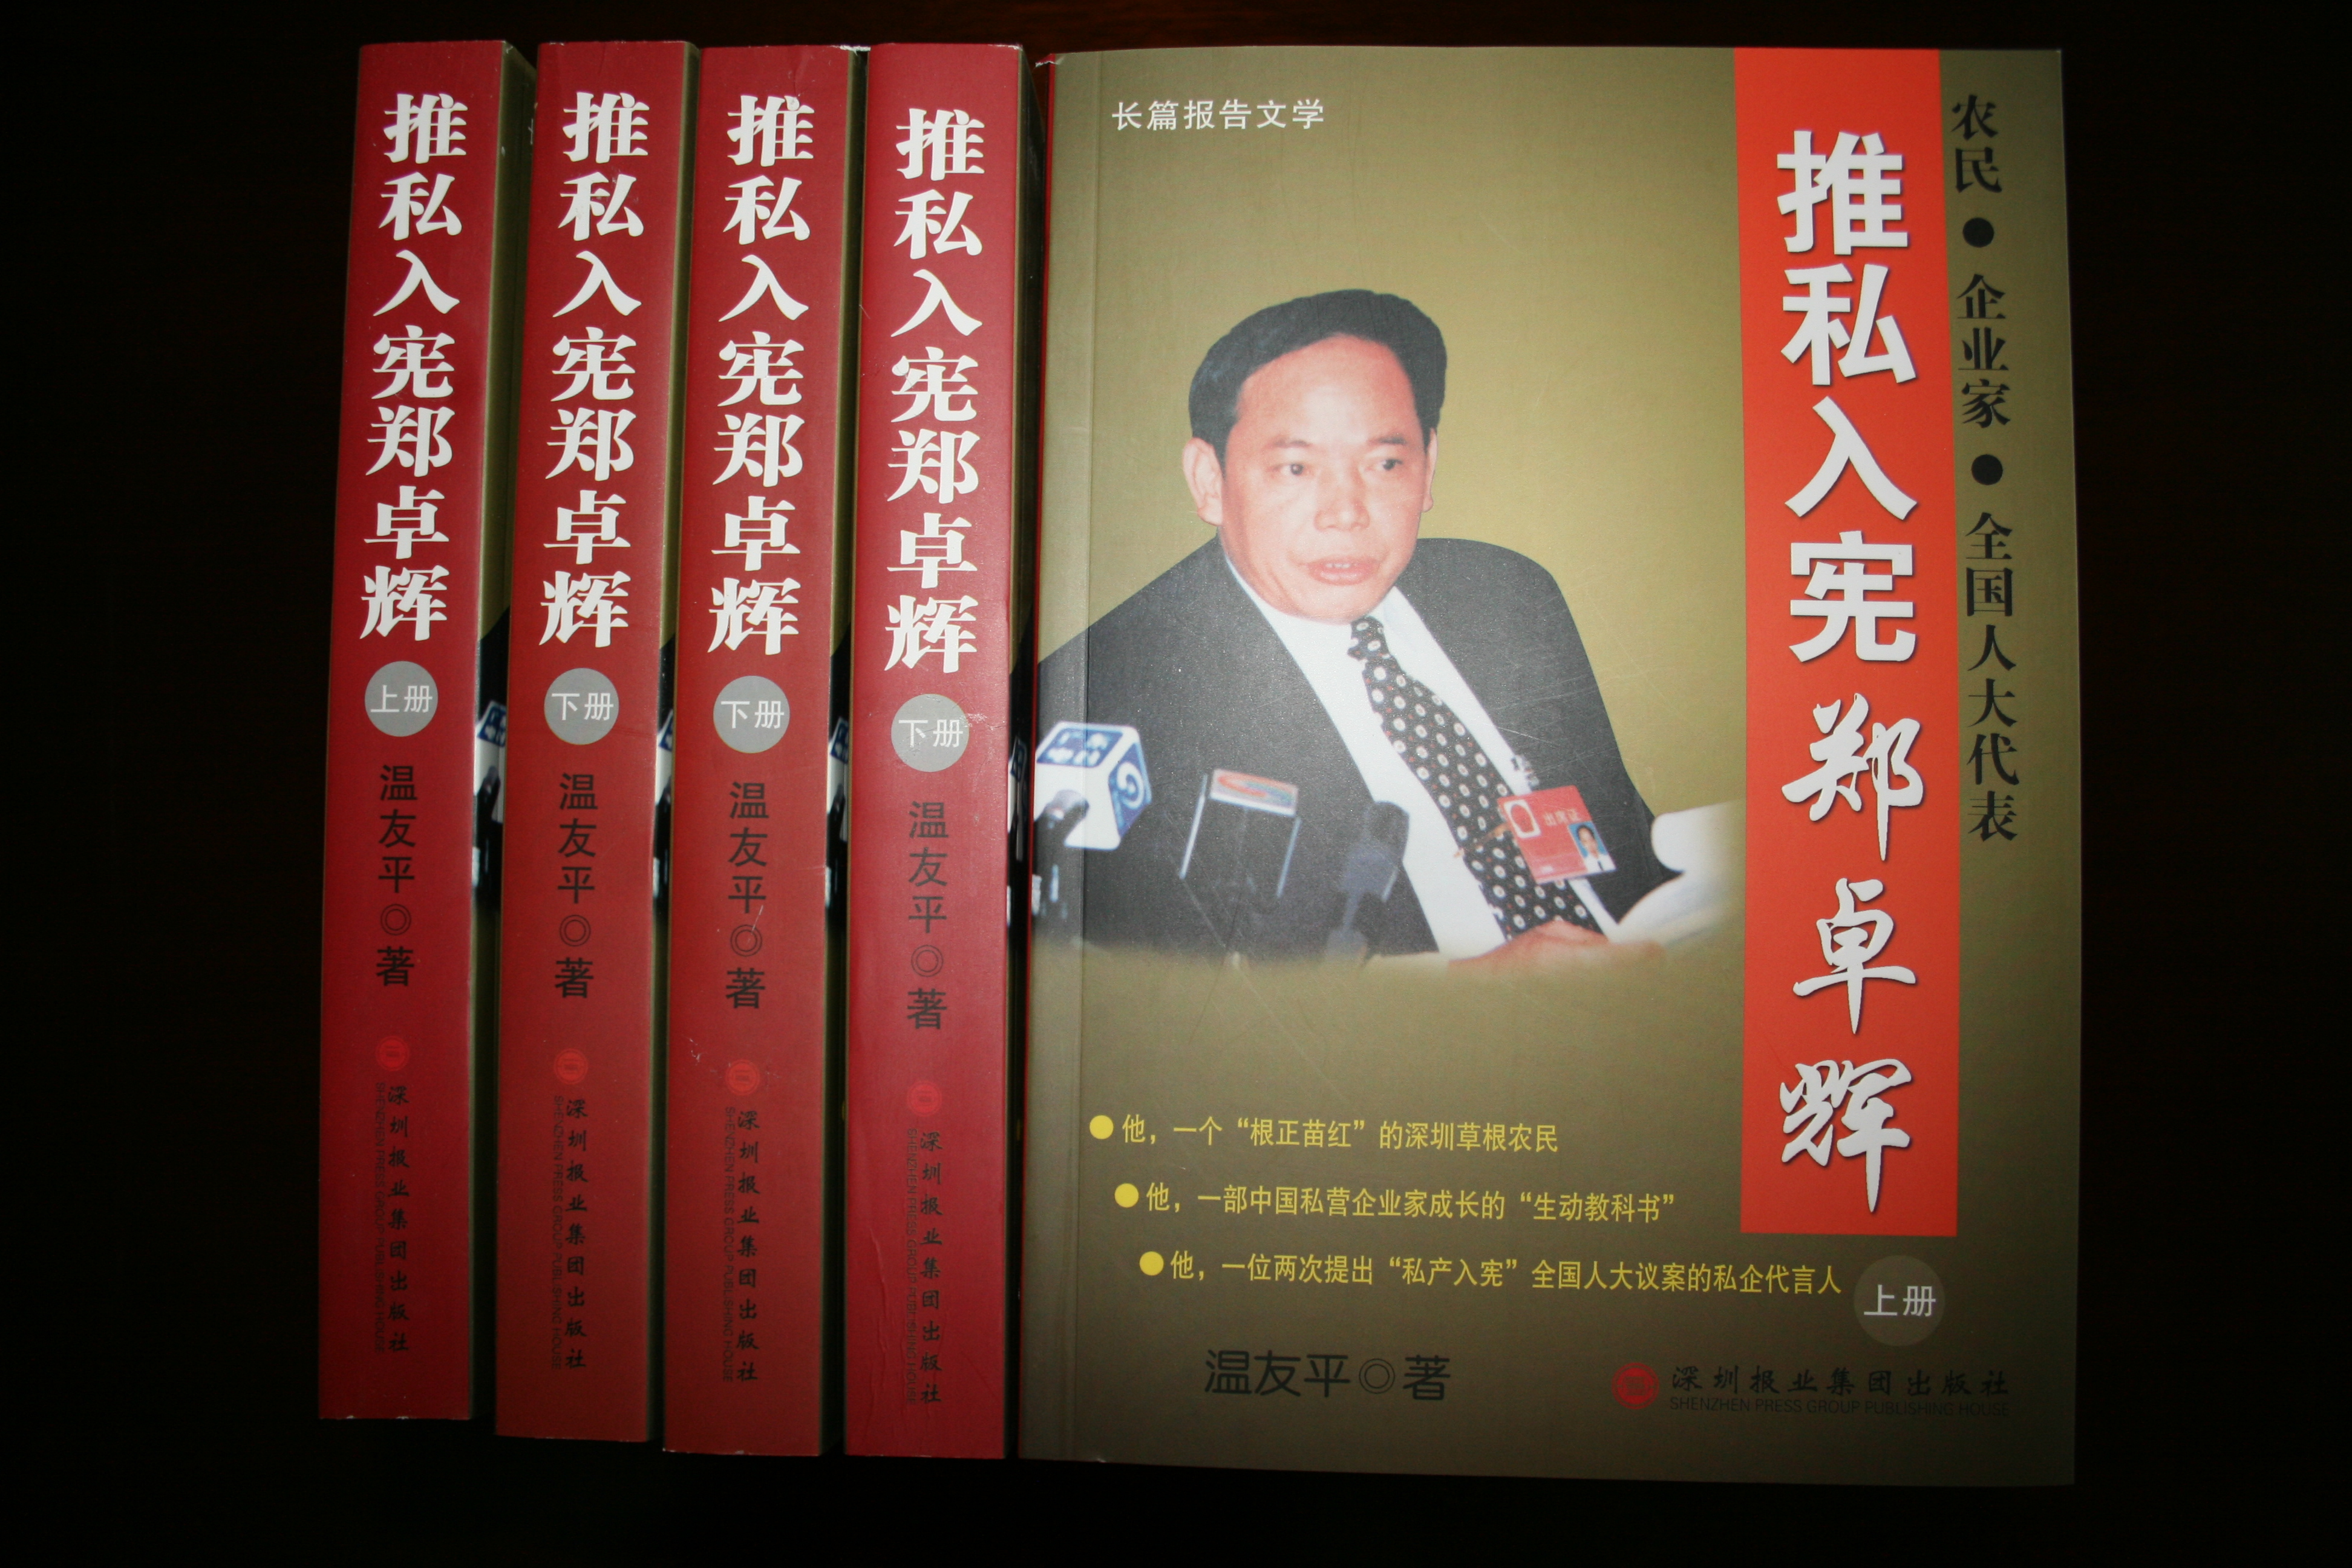 推私入宪郑卓辉:一个中国私营企业家的实践(2)